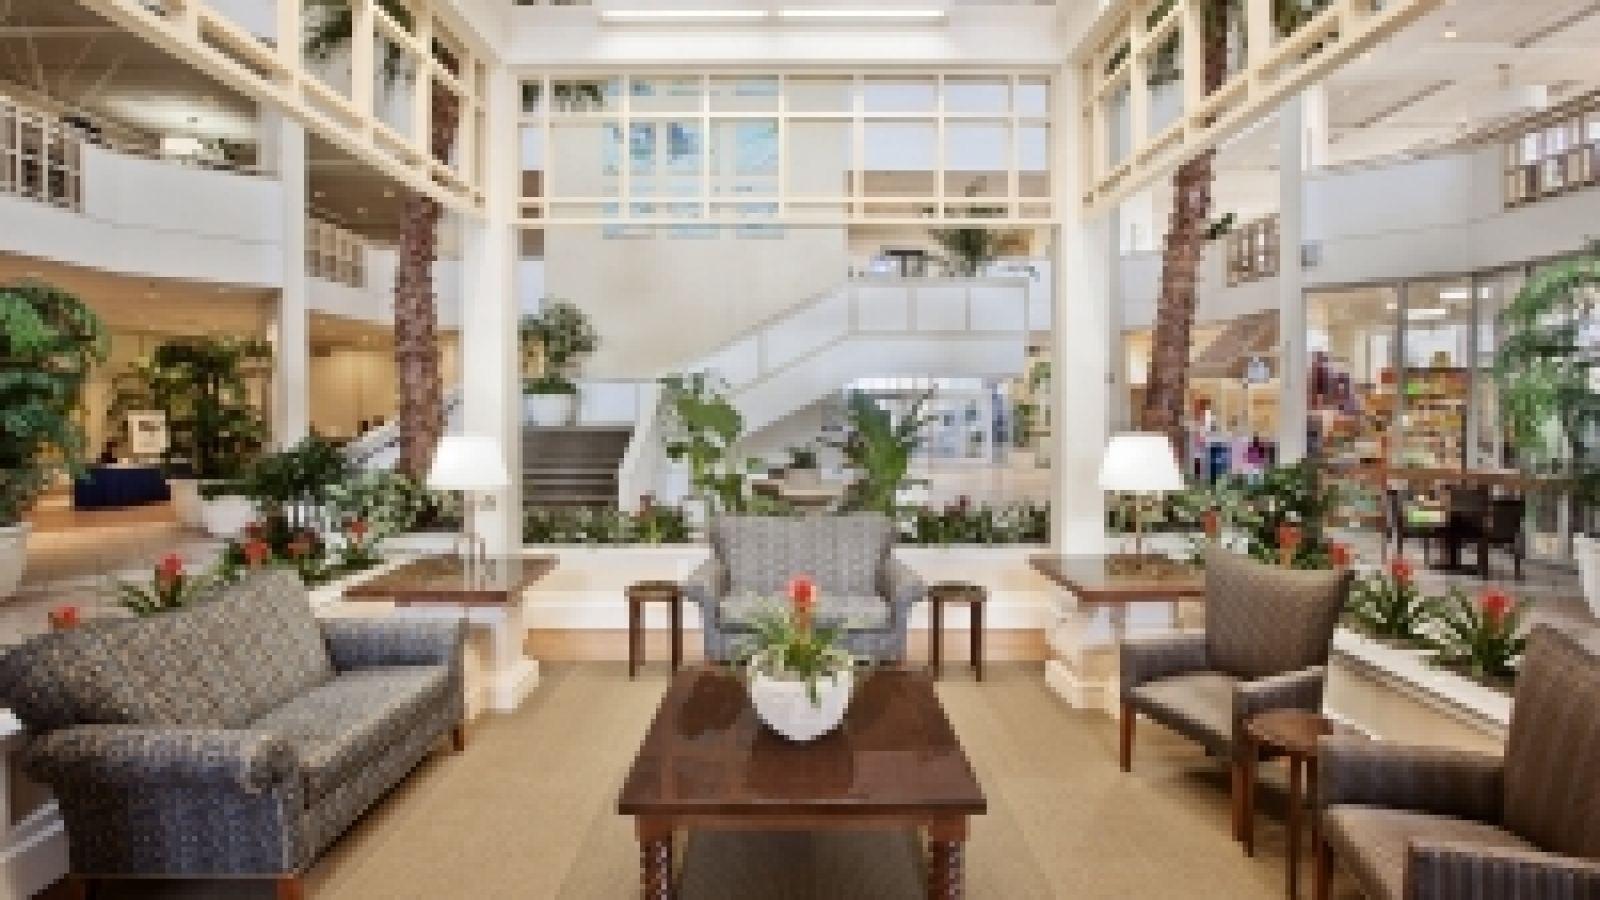 Hilton Myrtle Beach Resort - Myrtle Beach golf packages